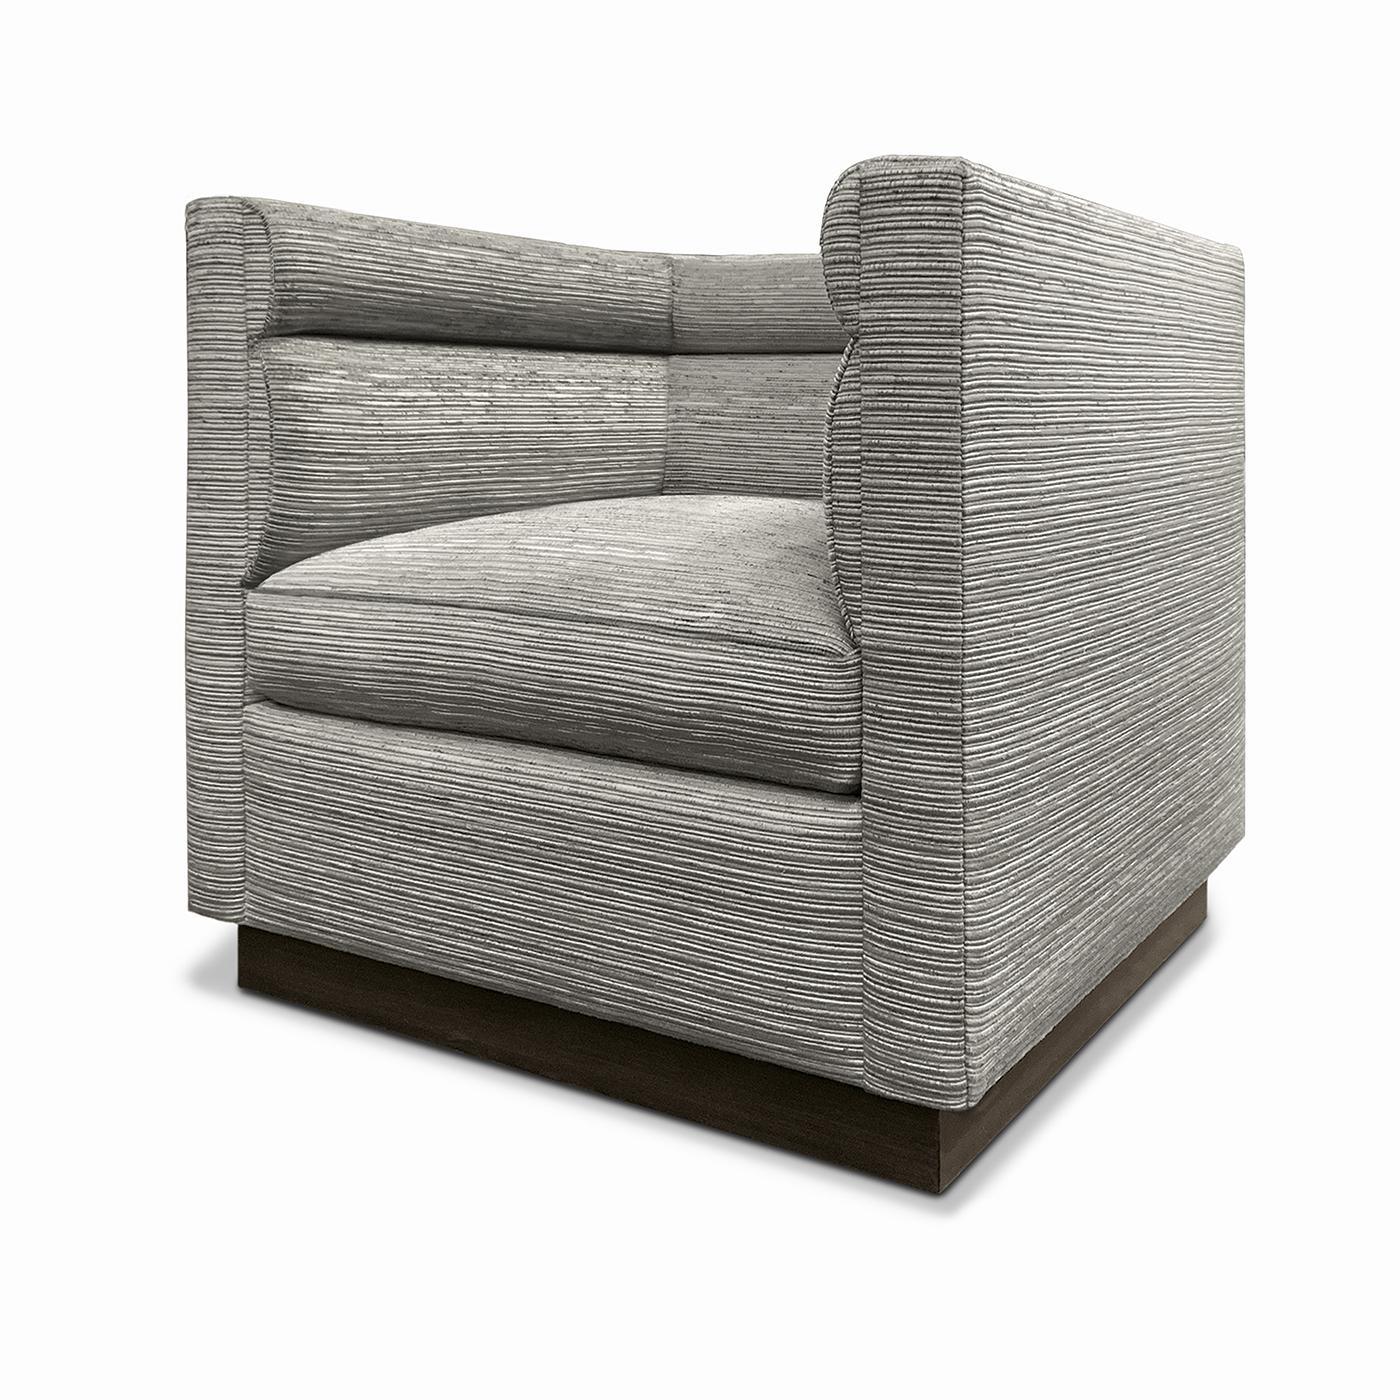 Allston Chair